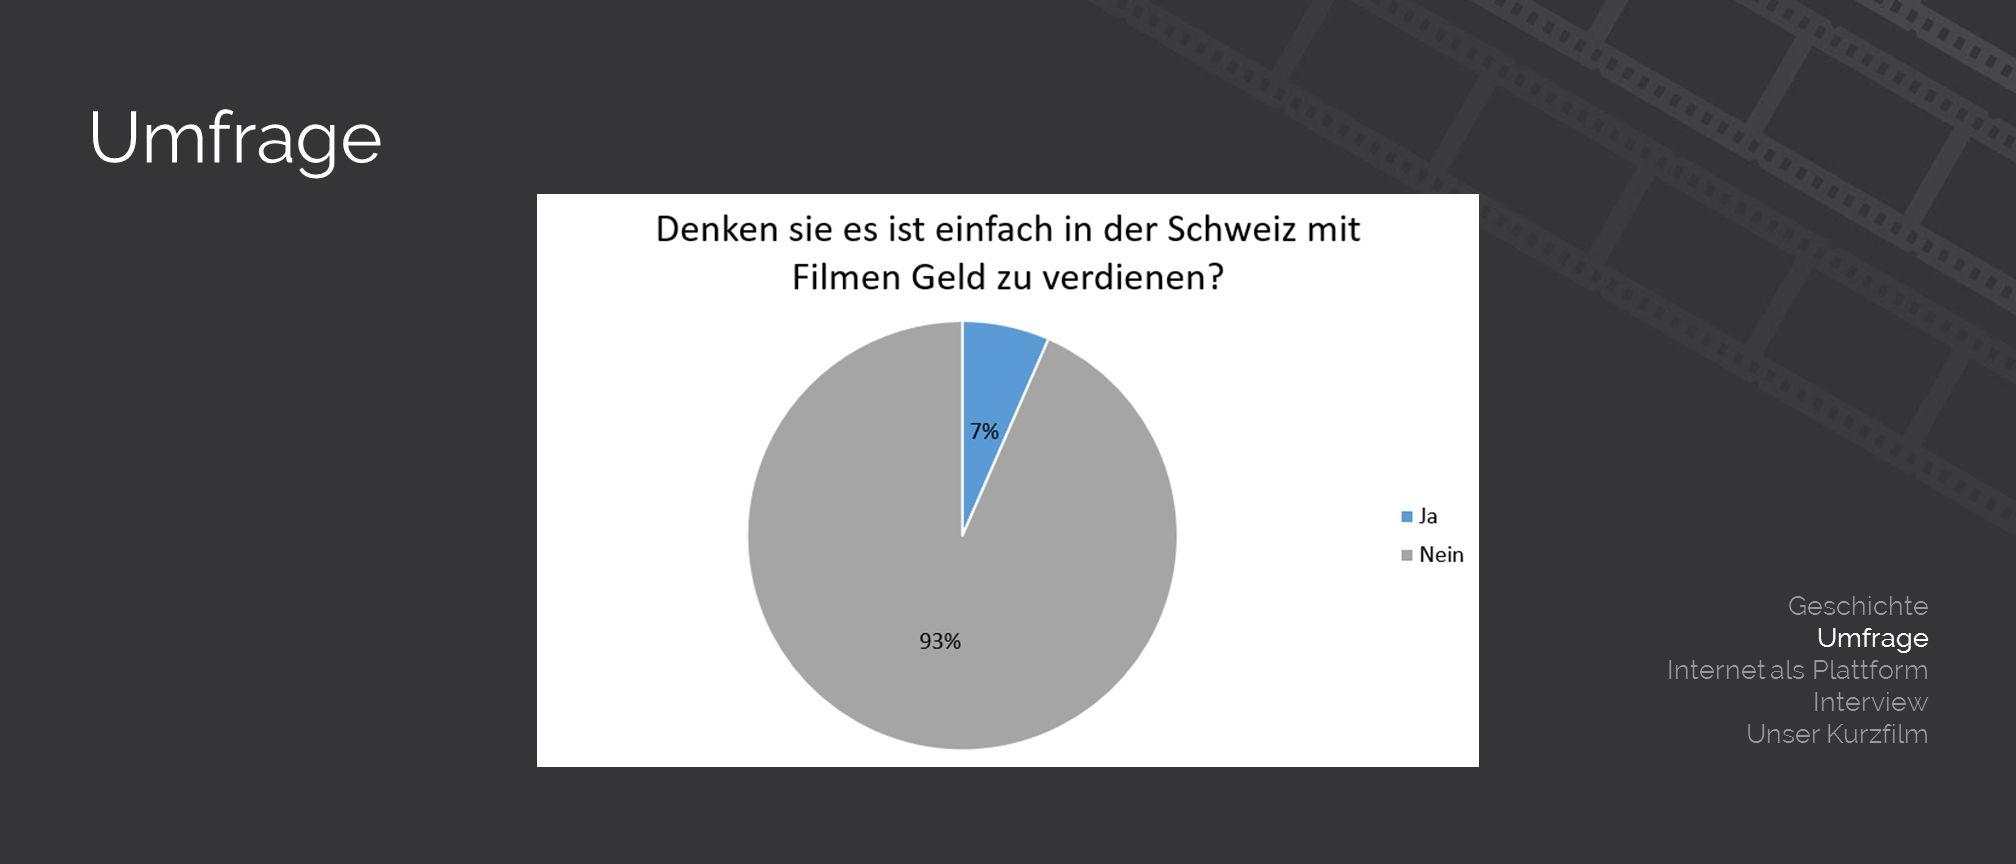 Umfrage Geschichte Umfrage Internet als Plattform Interview Unser Kurzfilm